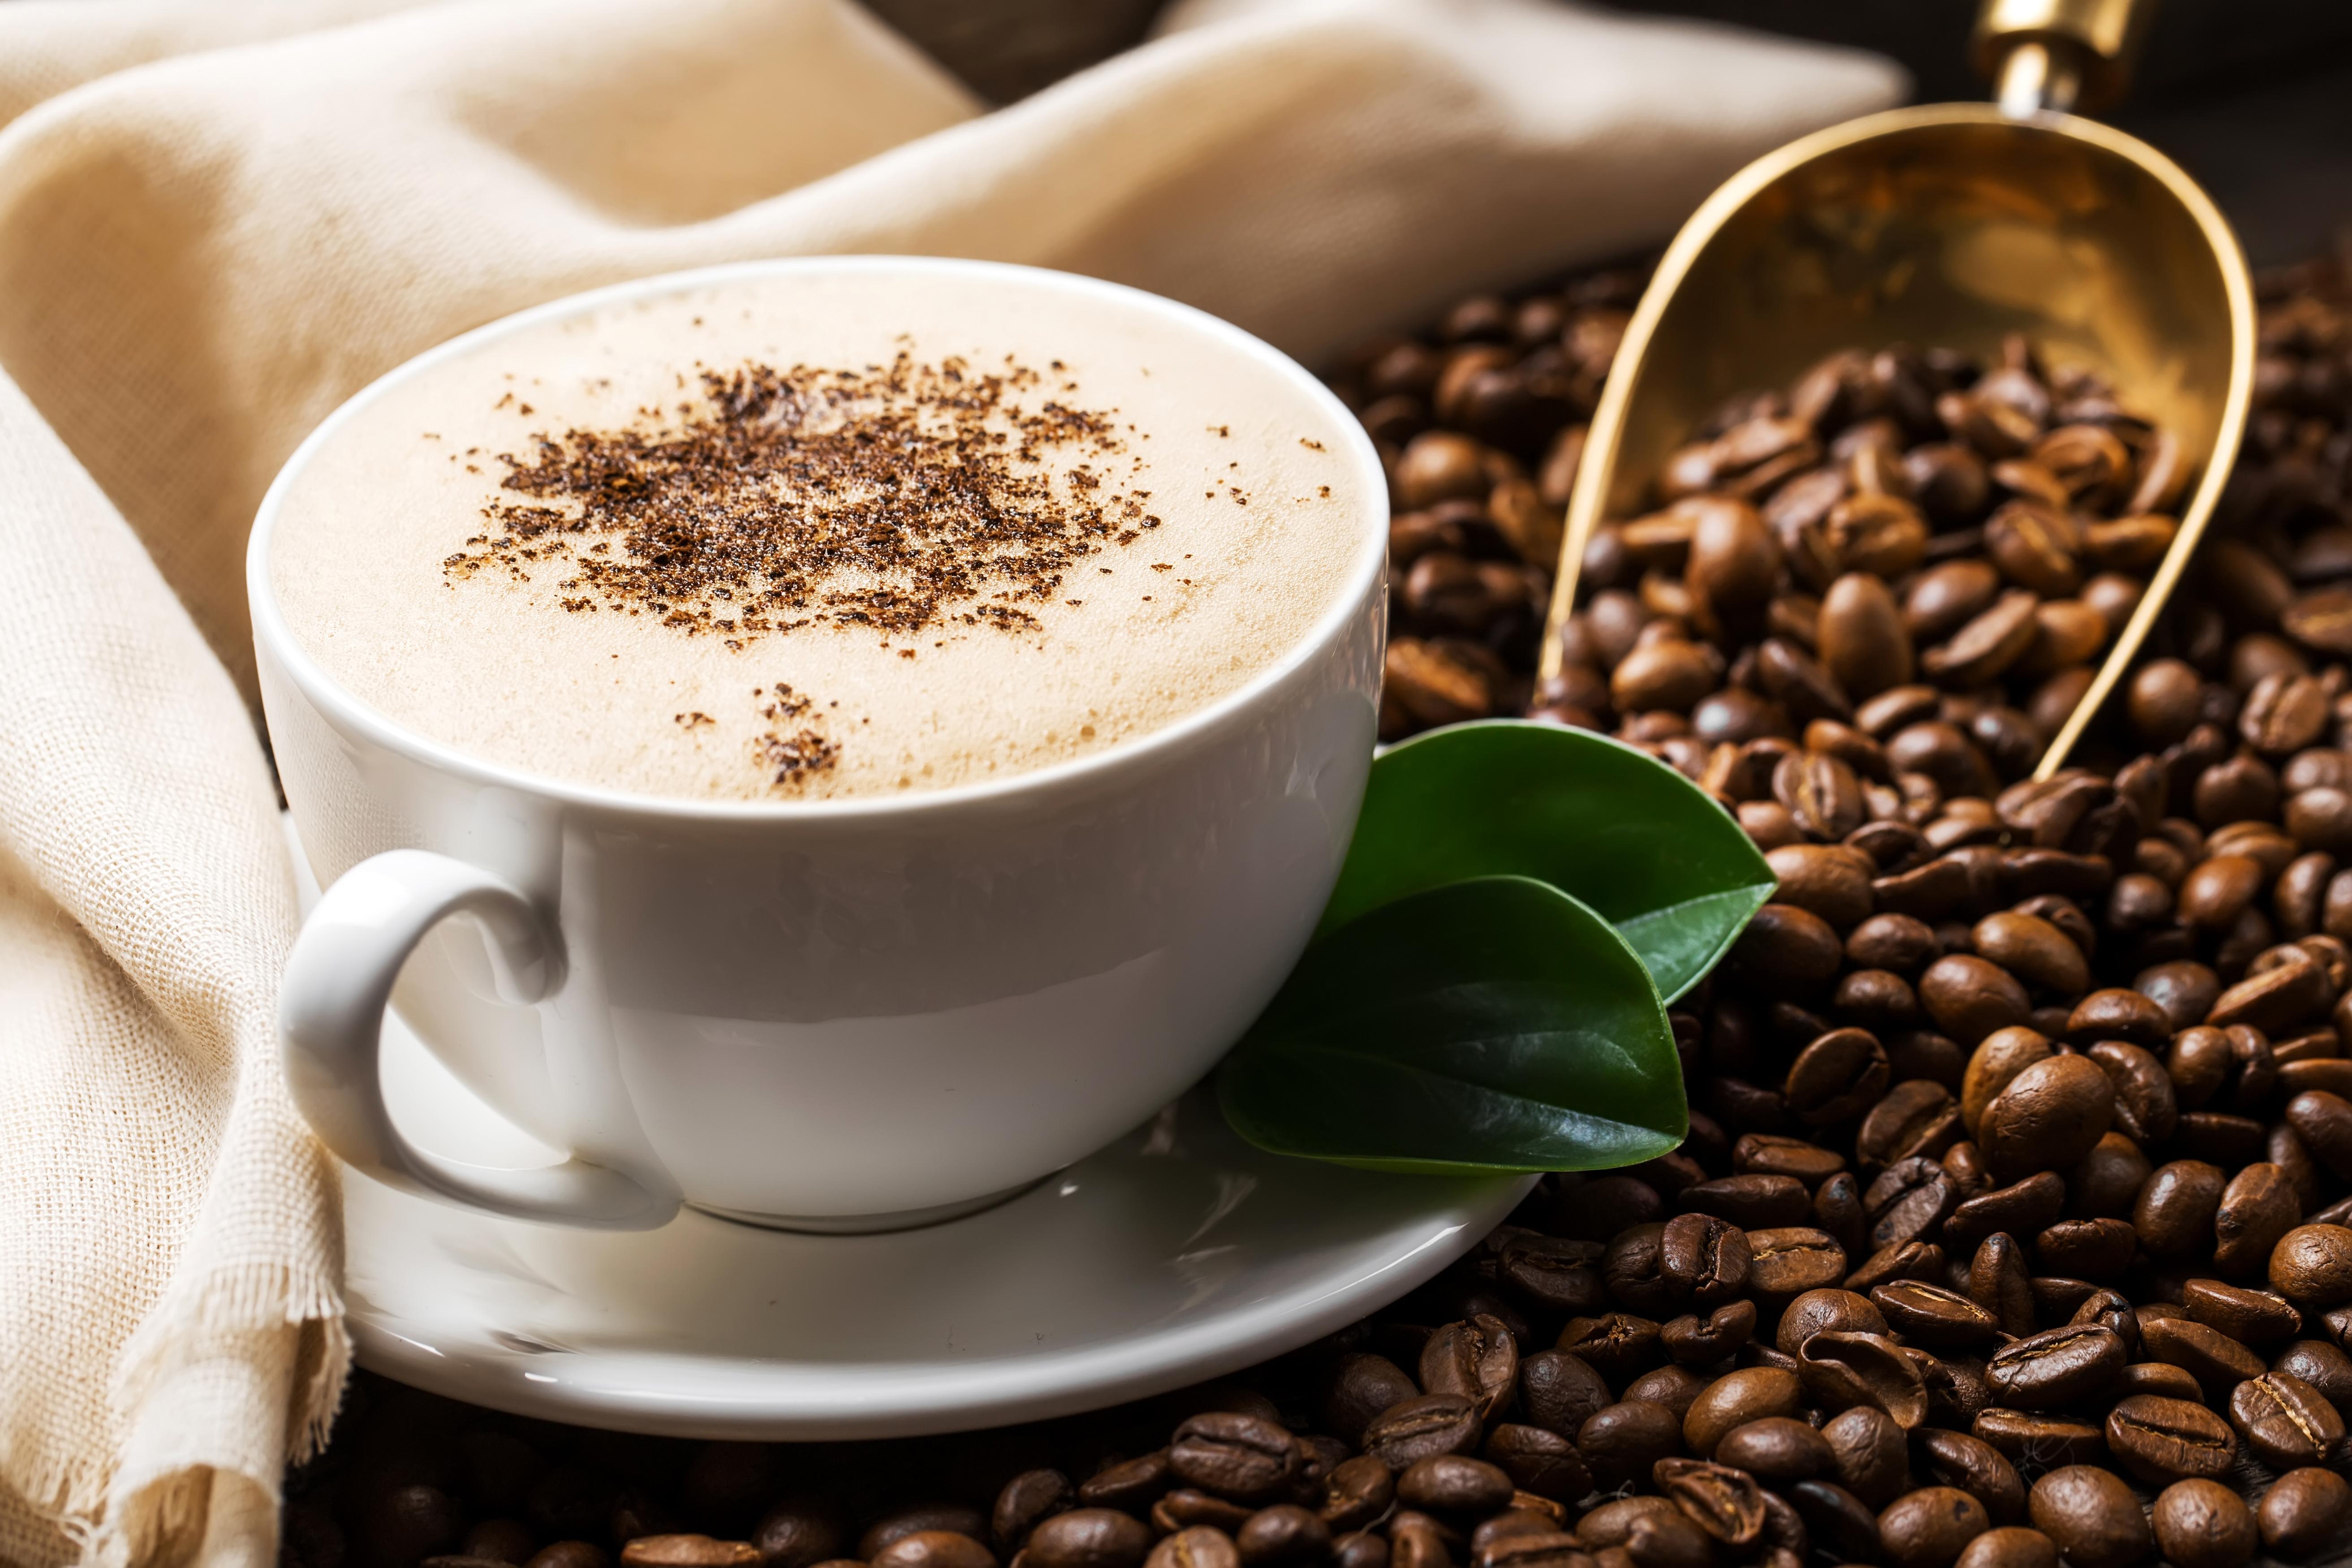 Чашка кофе с зернами  № 2153079 бесплатно